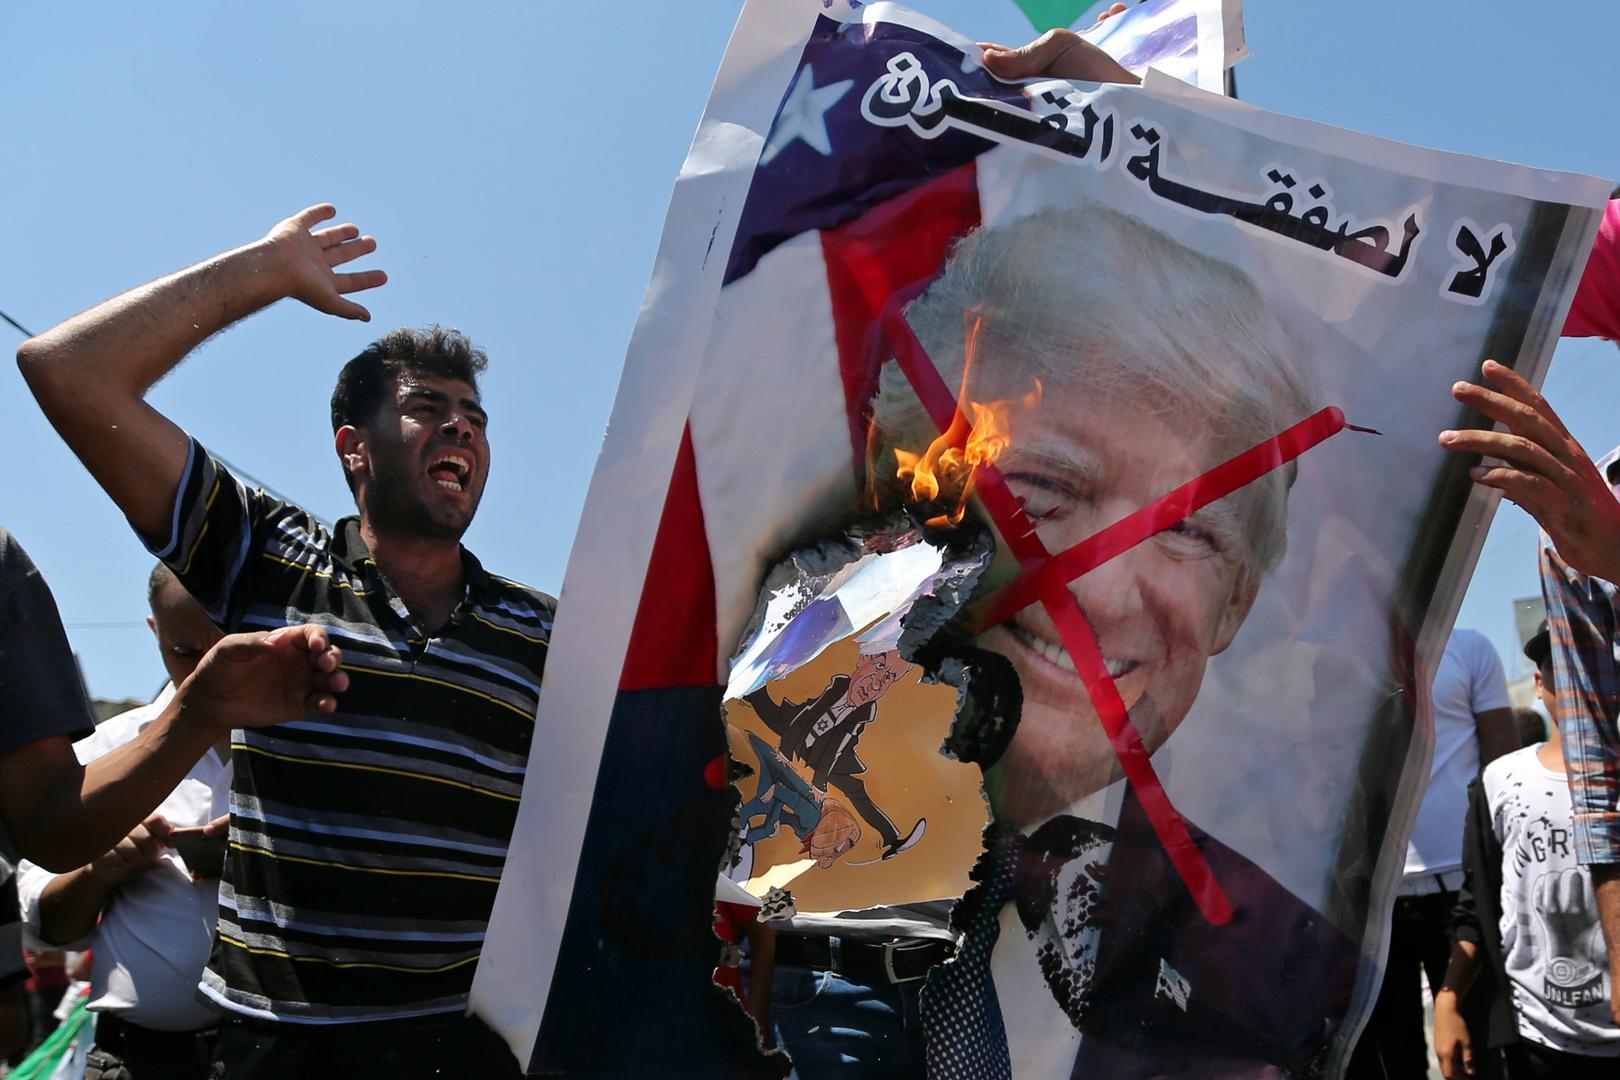 احتجاجات في غزة ضد صفقة القرن